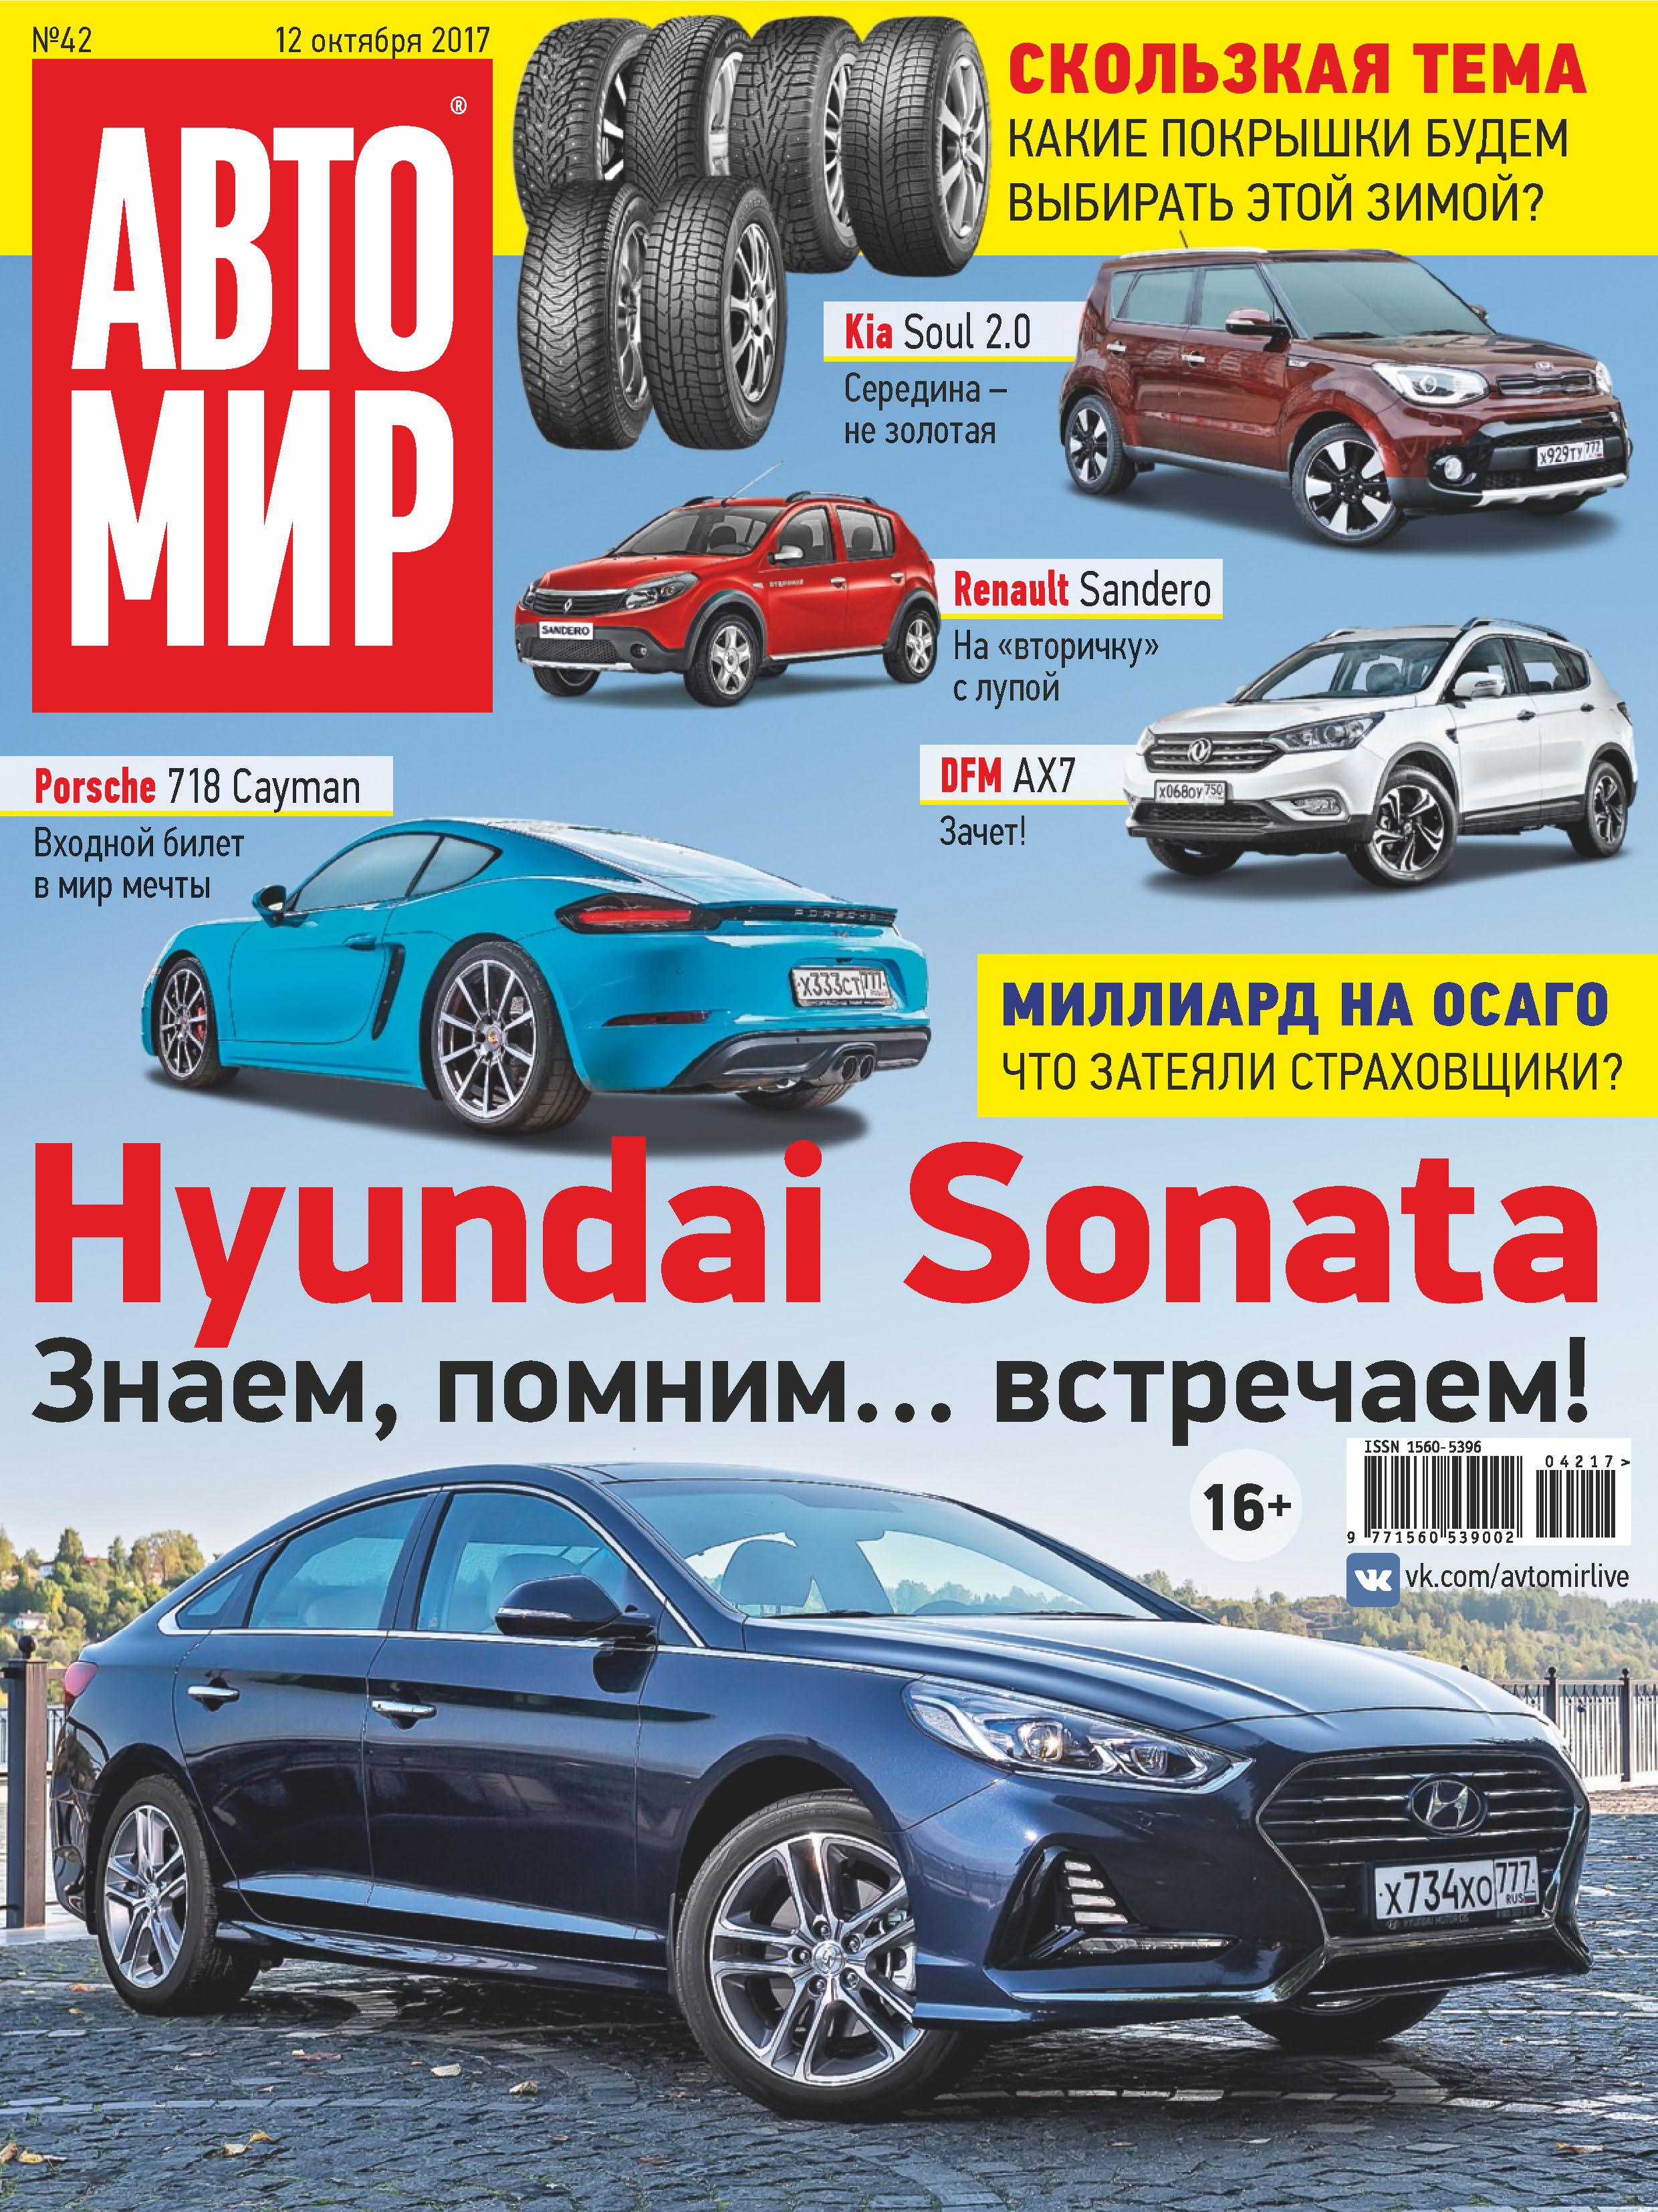 Отсутствует АвтоМир №42/2017 отсутствует автомир 33 2017